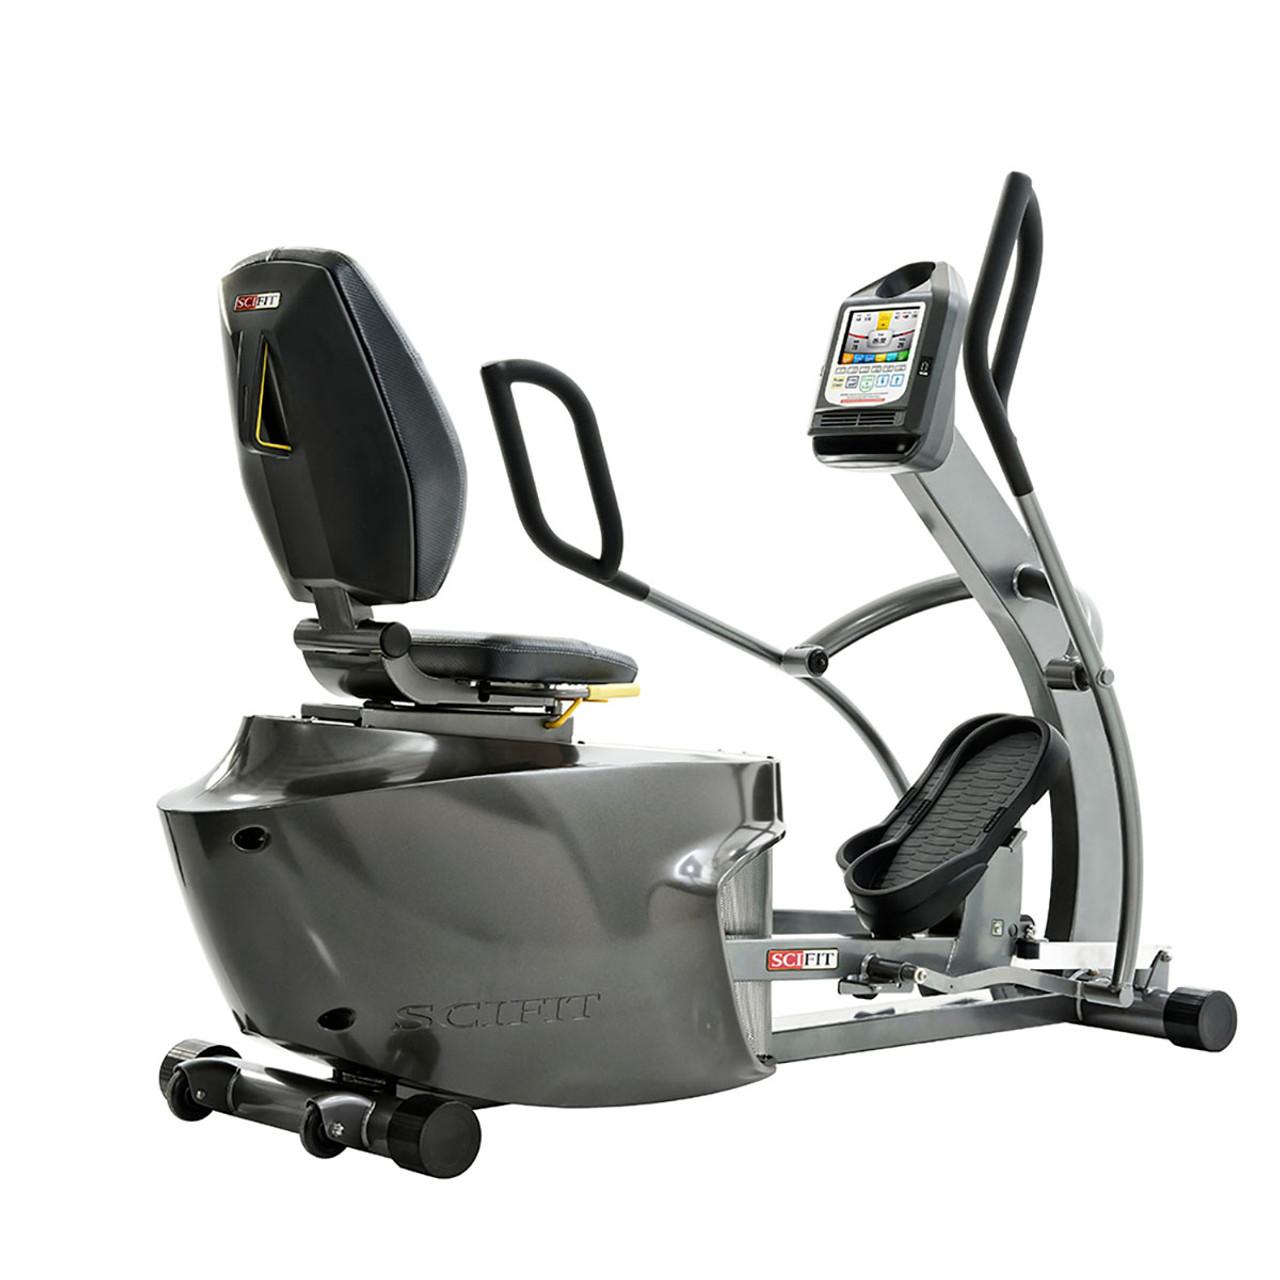 SciFit Total Body Recumbent Elliptical - Premium Seat